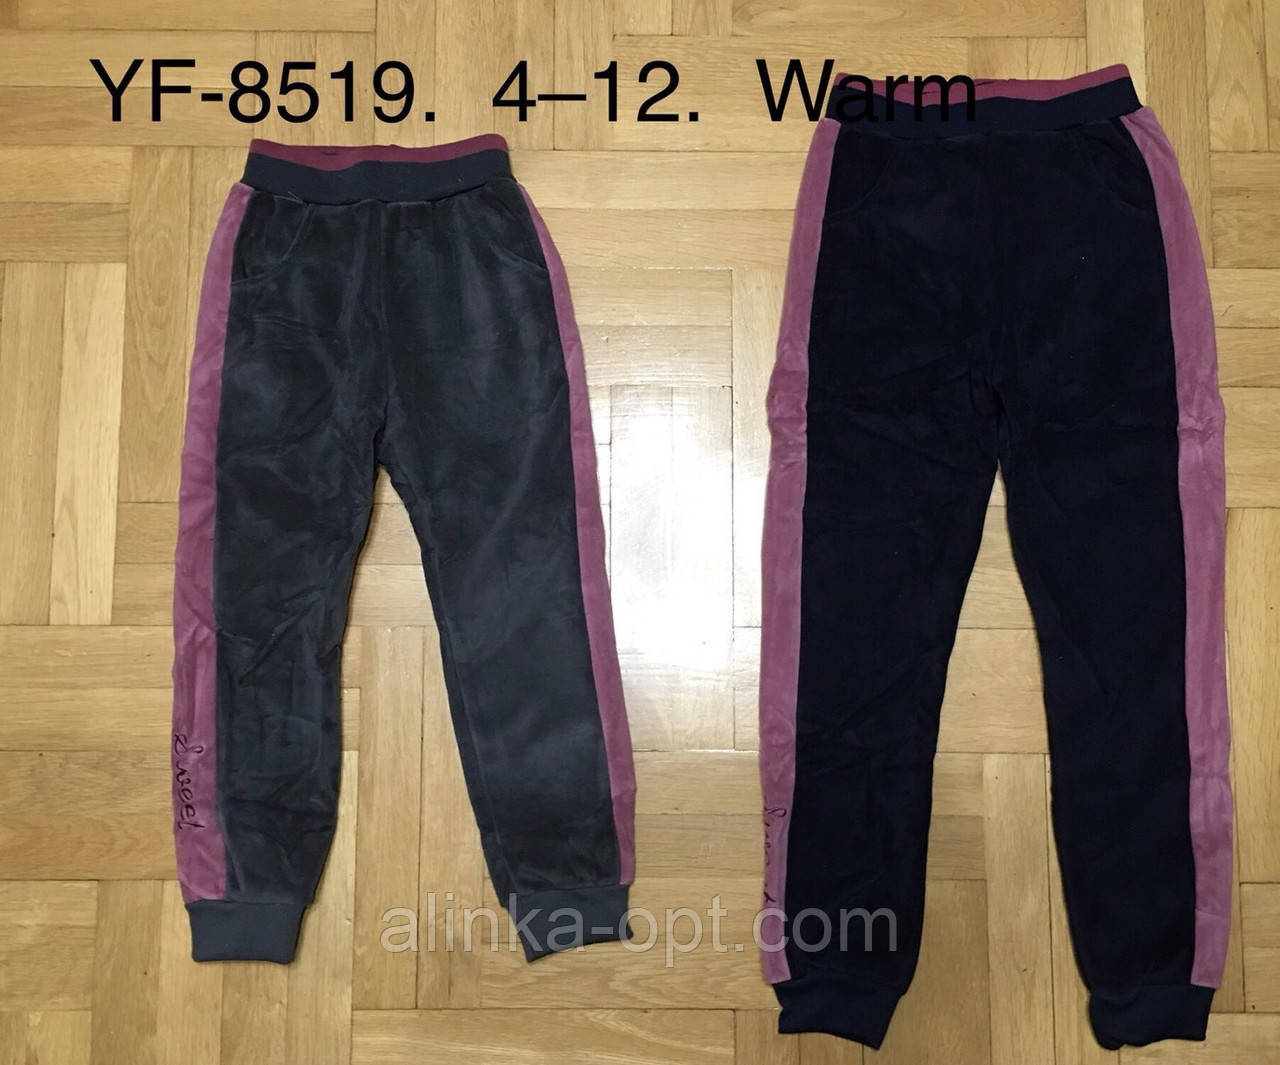 Спортивные велюровые брюки утепленные для девочек F&D оптом, 4-12 лет. Артикул: YF8519